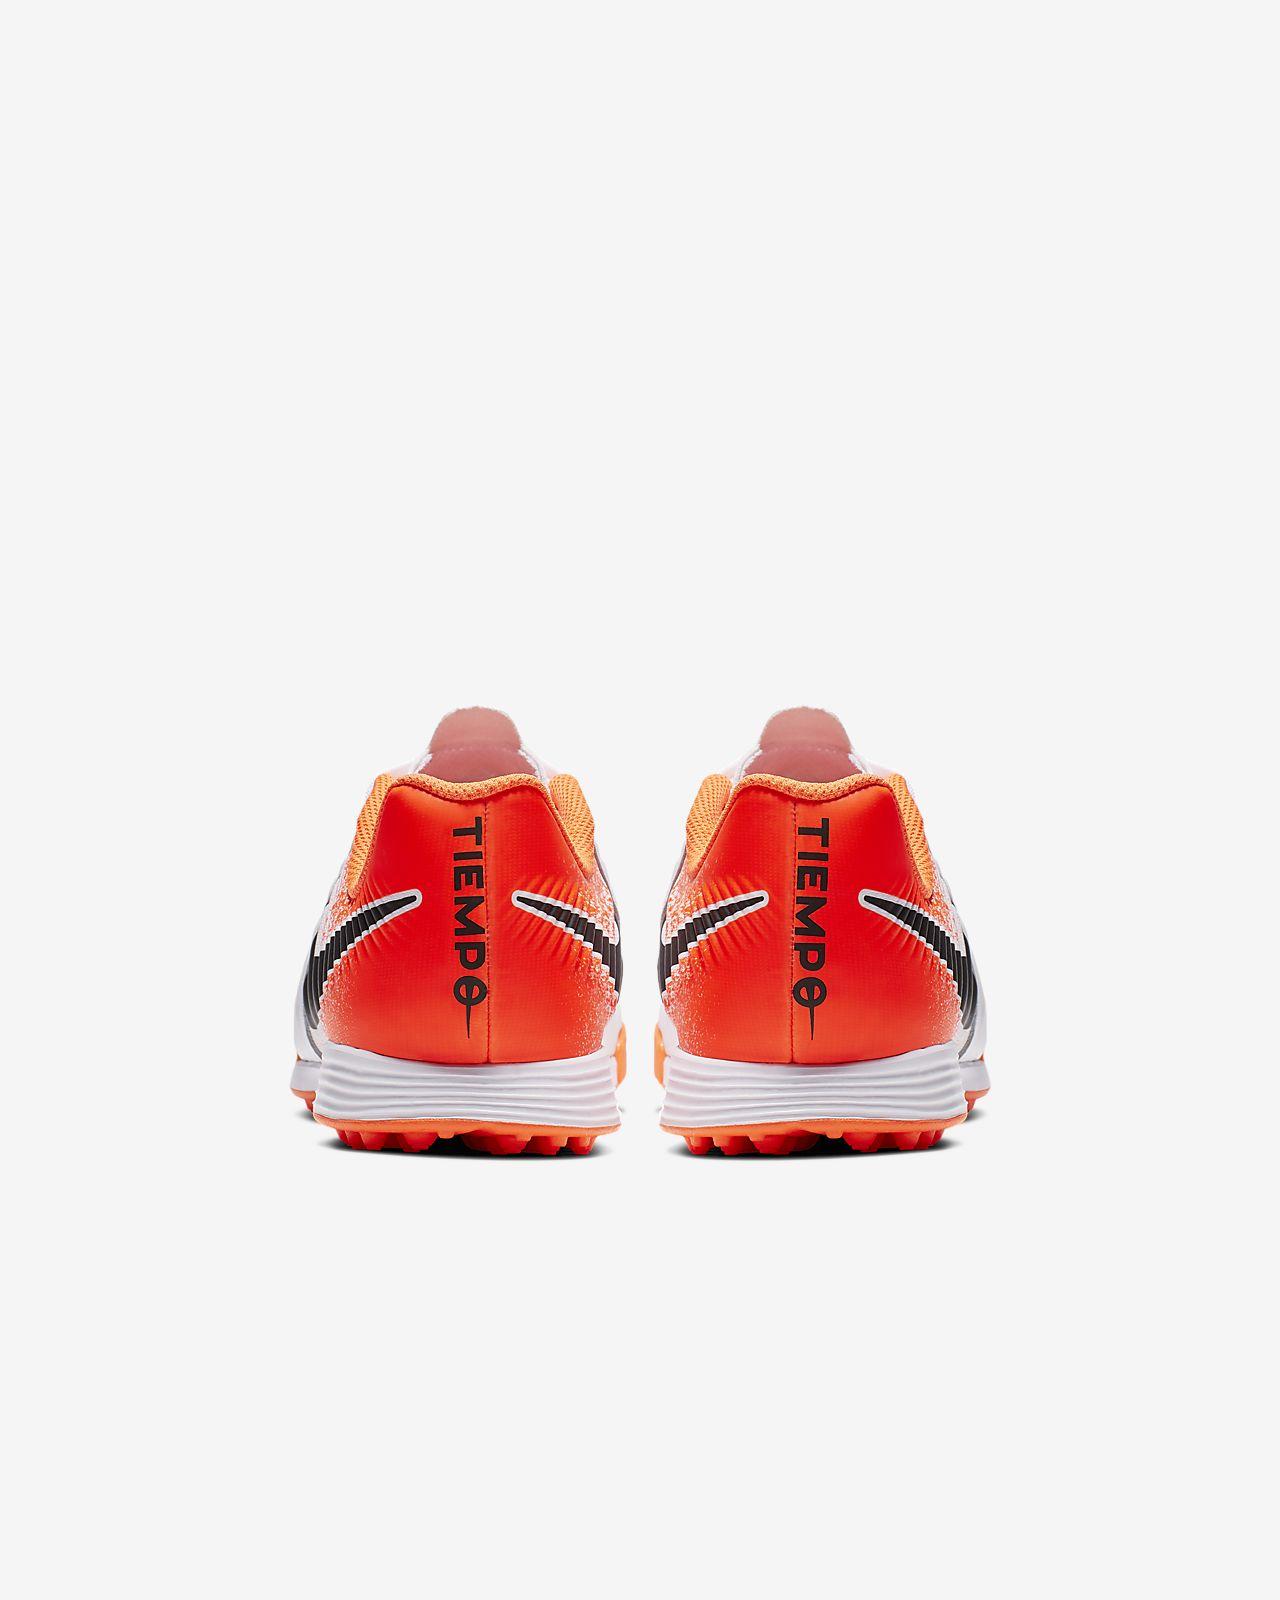 e903fa50ab7 ... Ποδοσφαιρικό παπούτσι για τεχνητό χλοοτάπητα Nike Jr. Tiempo Legend VII  Academy TF για μικρά/